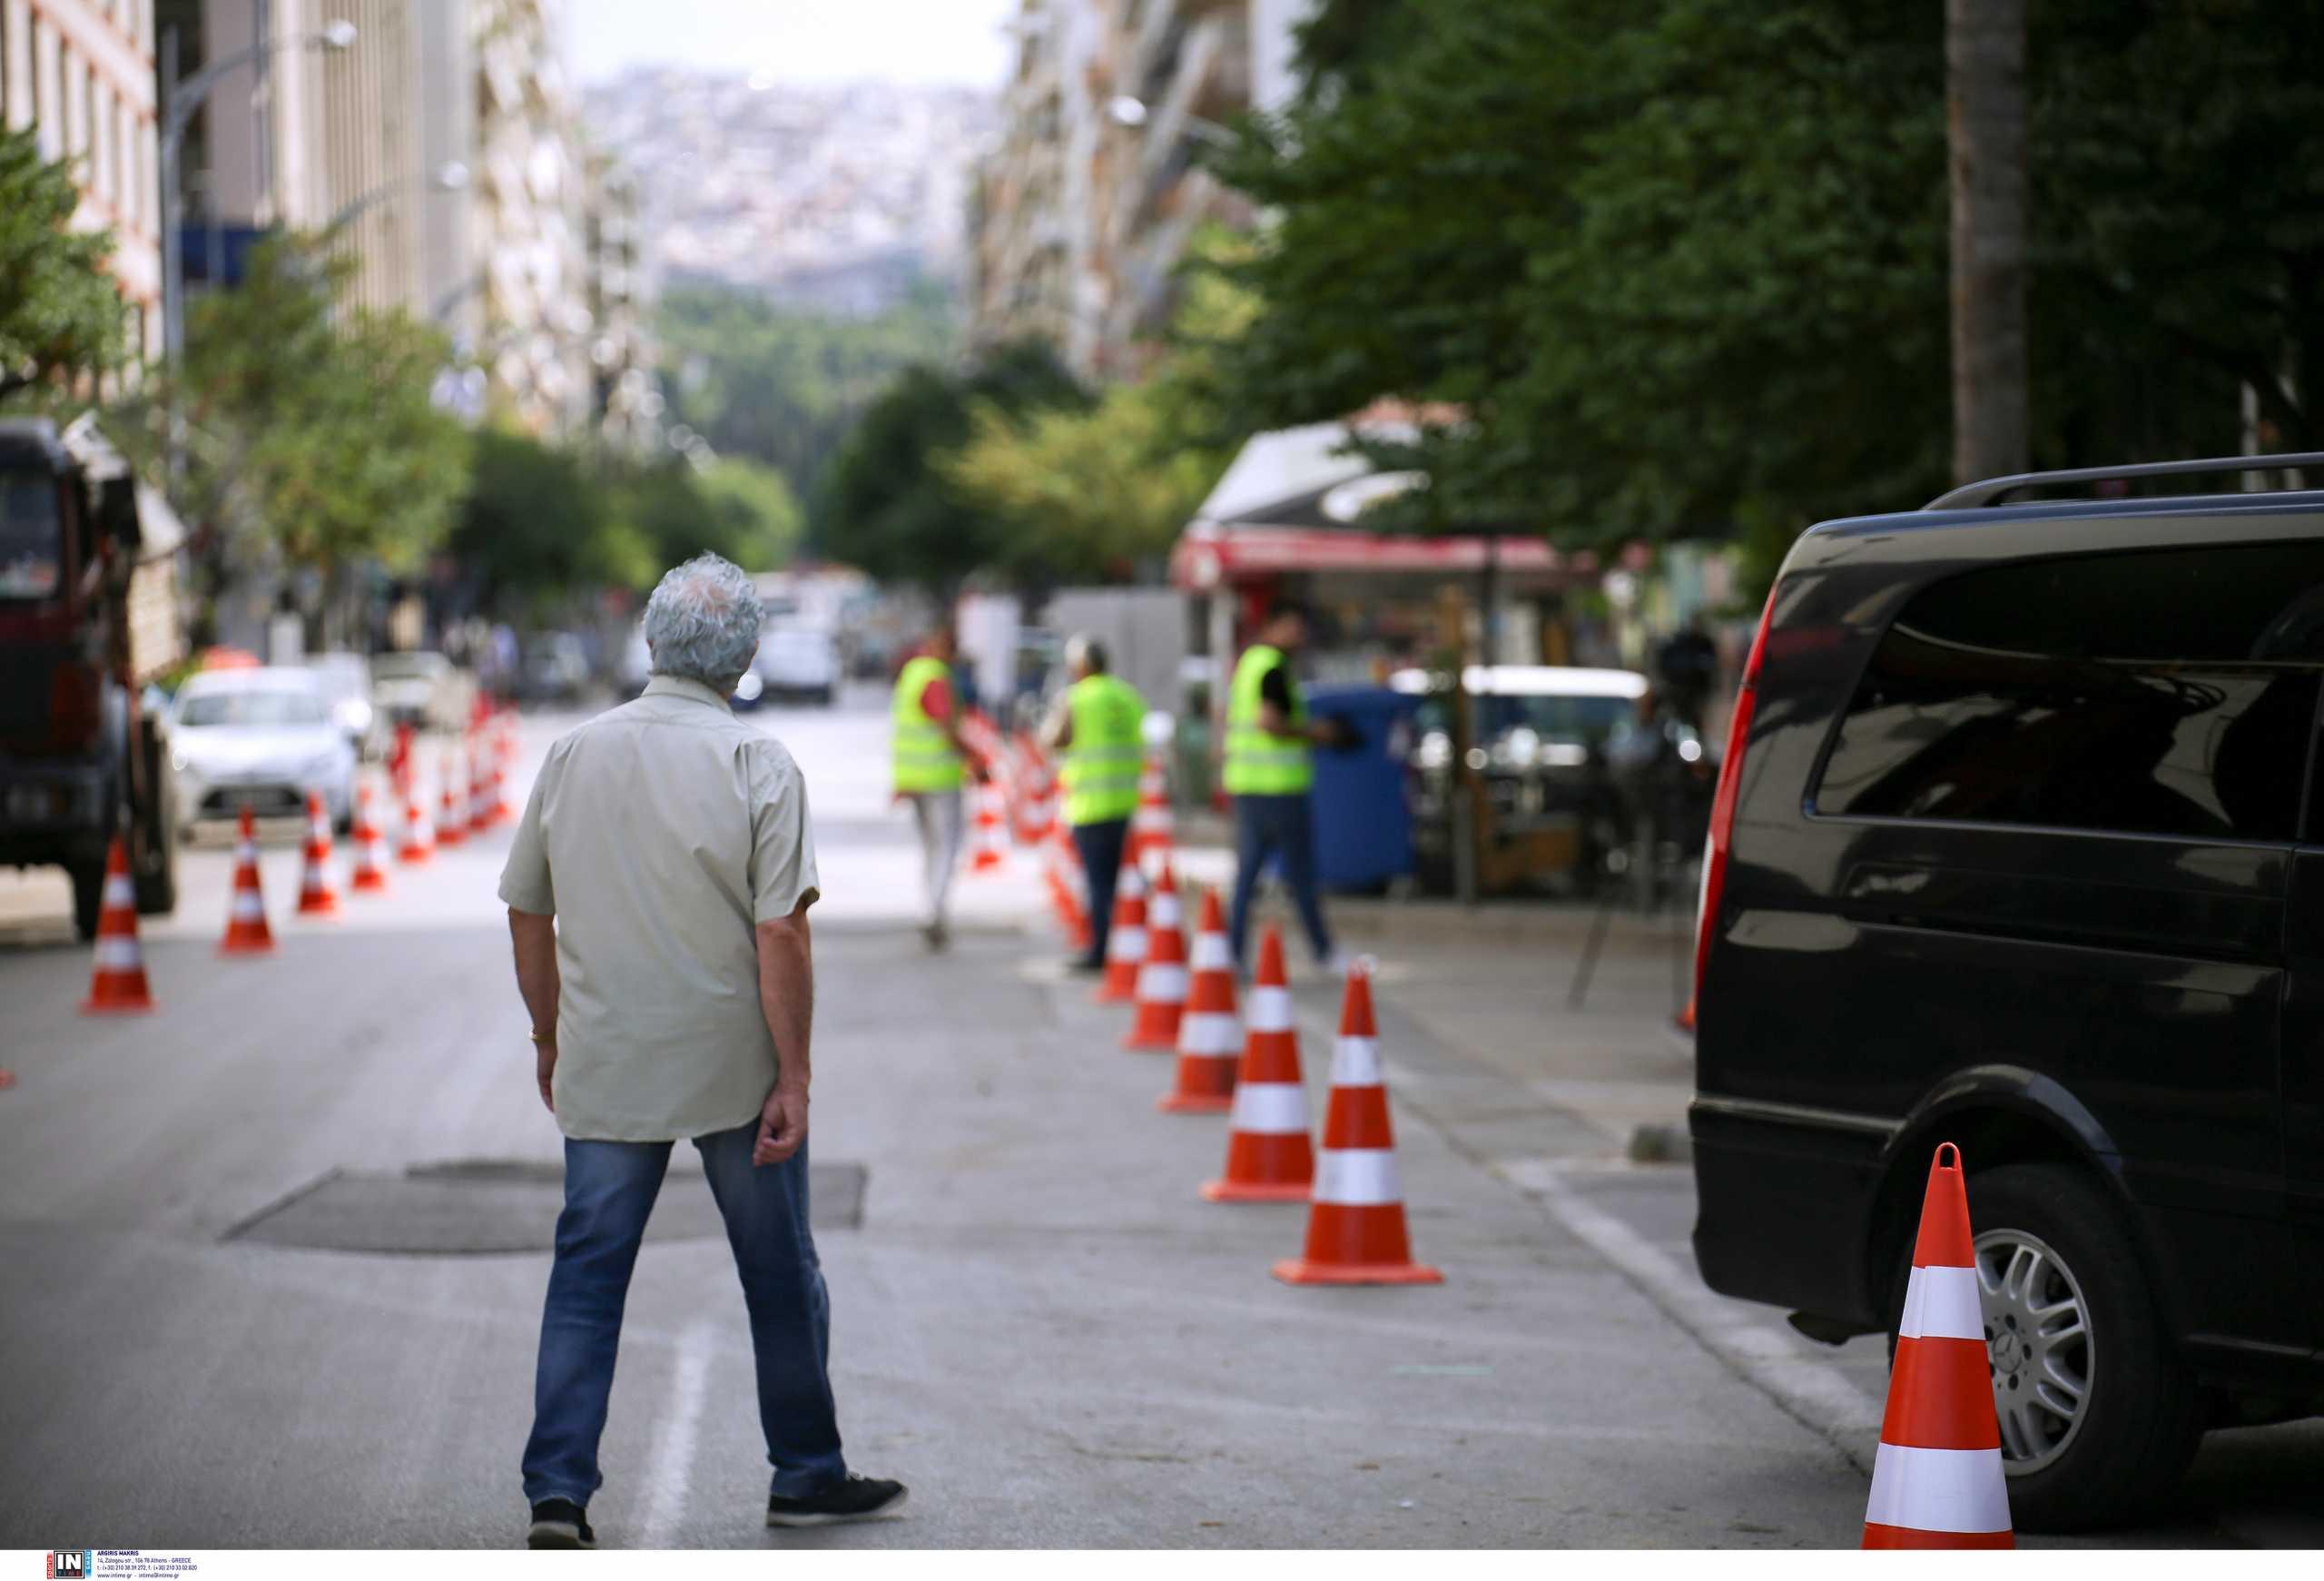 Το Χόλιγουντ επιστρέφει στη Θεσσαλονίκη με μεγαλύτερη παραγωγή από αυτή που έγινε με τον Αντόνιο Μπαντέρας